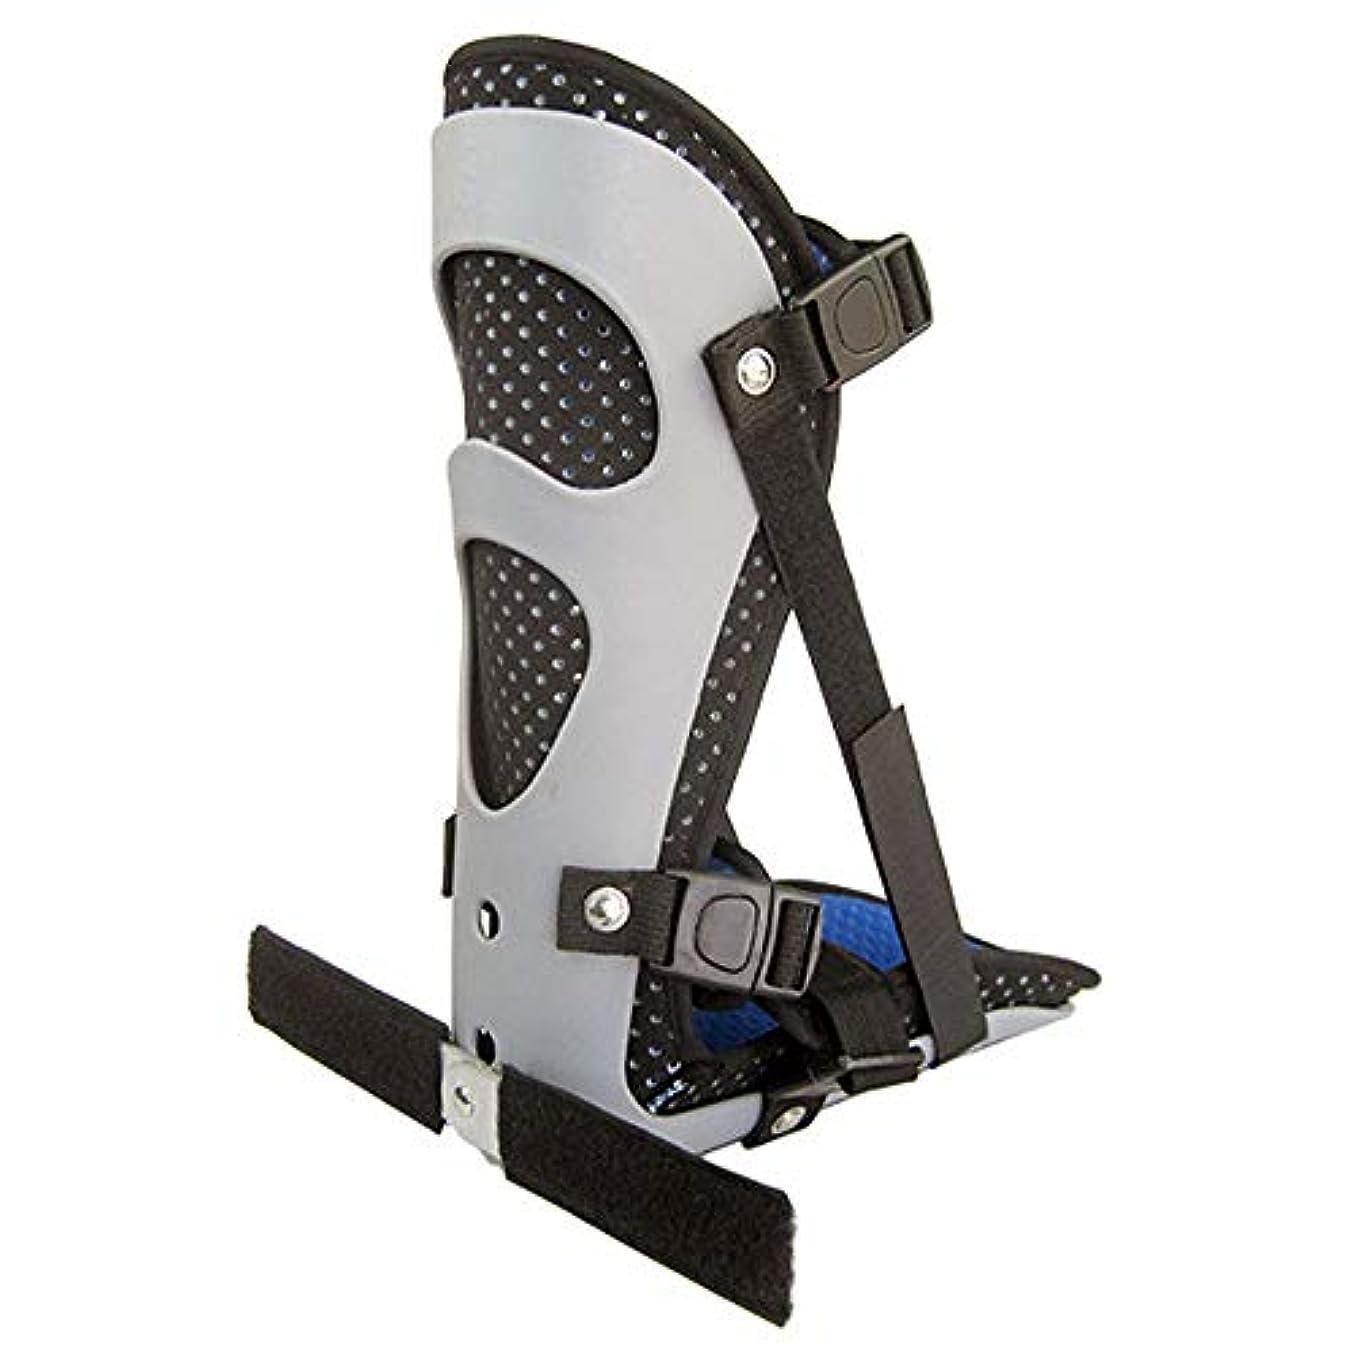 つなぐ宇宙飛行士焦げ足首サポートブレース、フットドロップスプリントガード捻rain装具骨折応急処置のための足首ブレース足底筋膜炎かかとの痛み,M